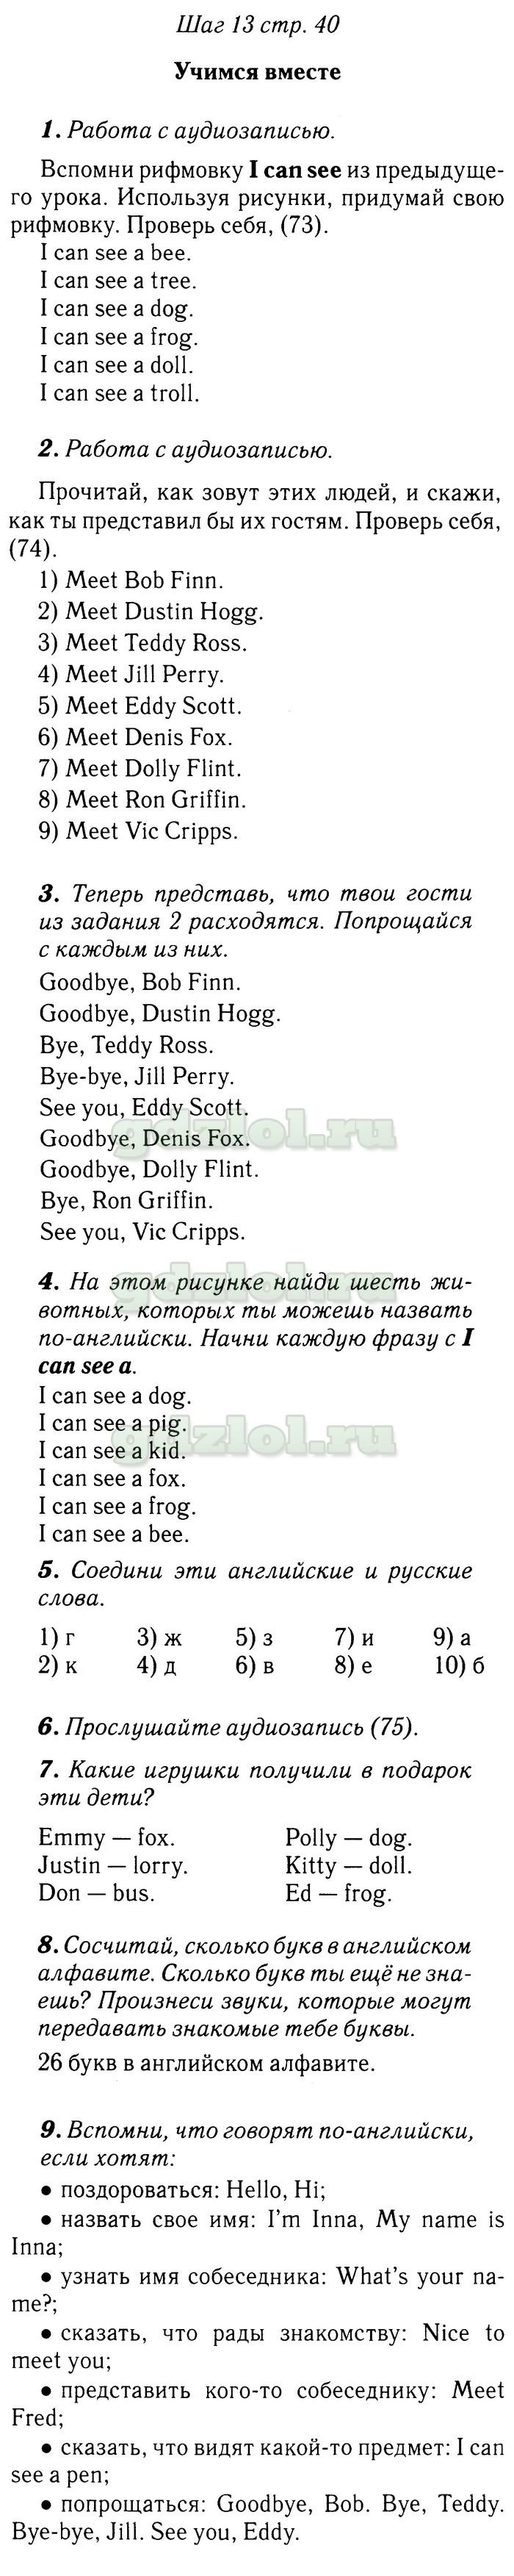 английский яз 9 кл афанасьева